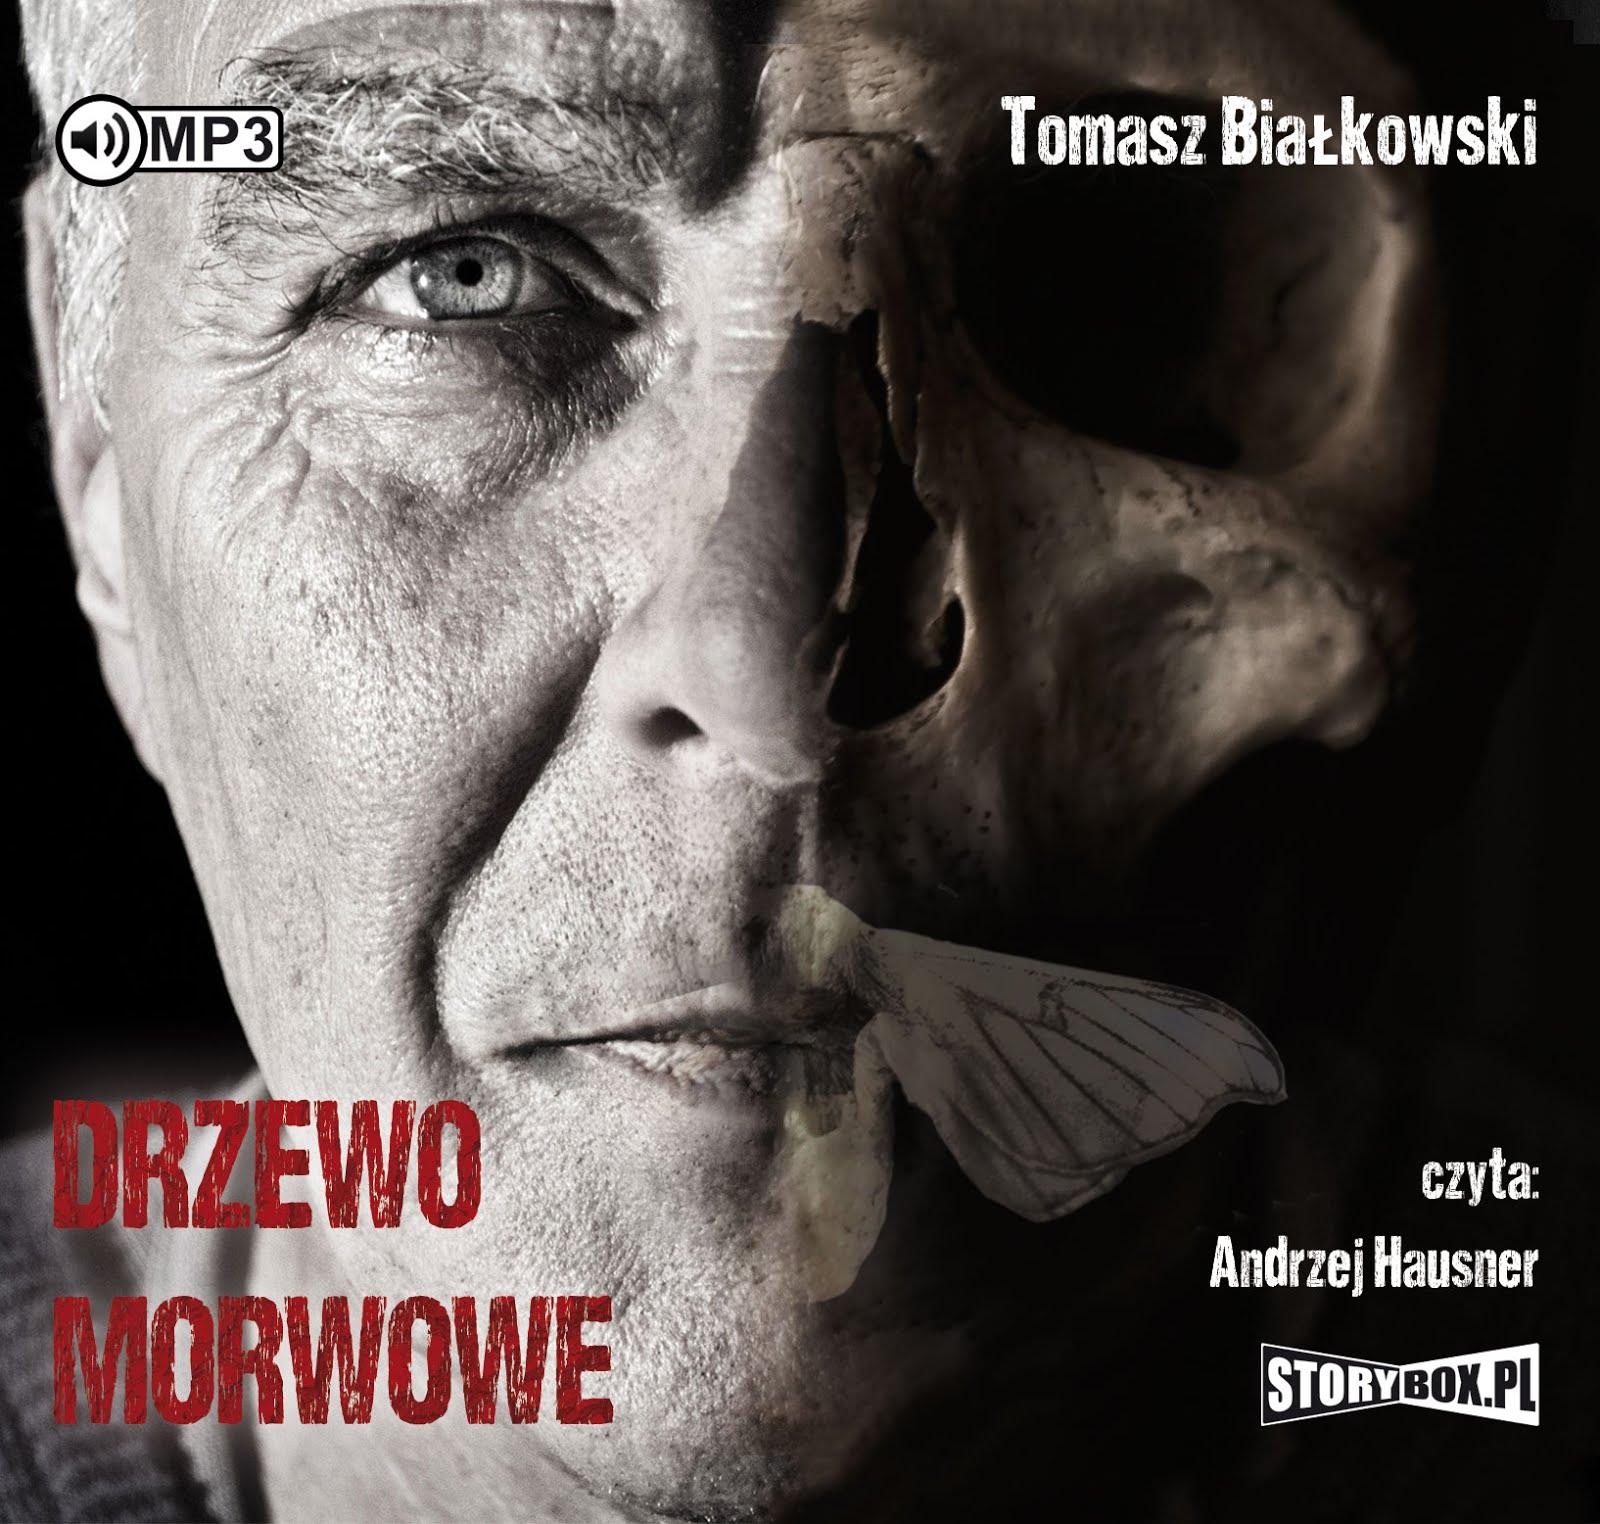 Drzewo morwowe [audiobook] (2018)